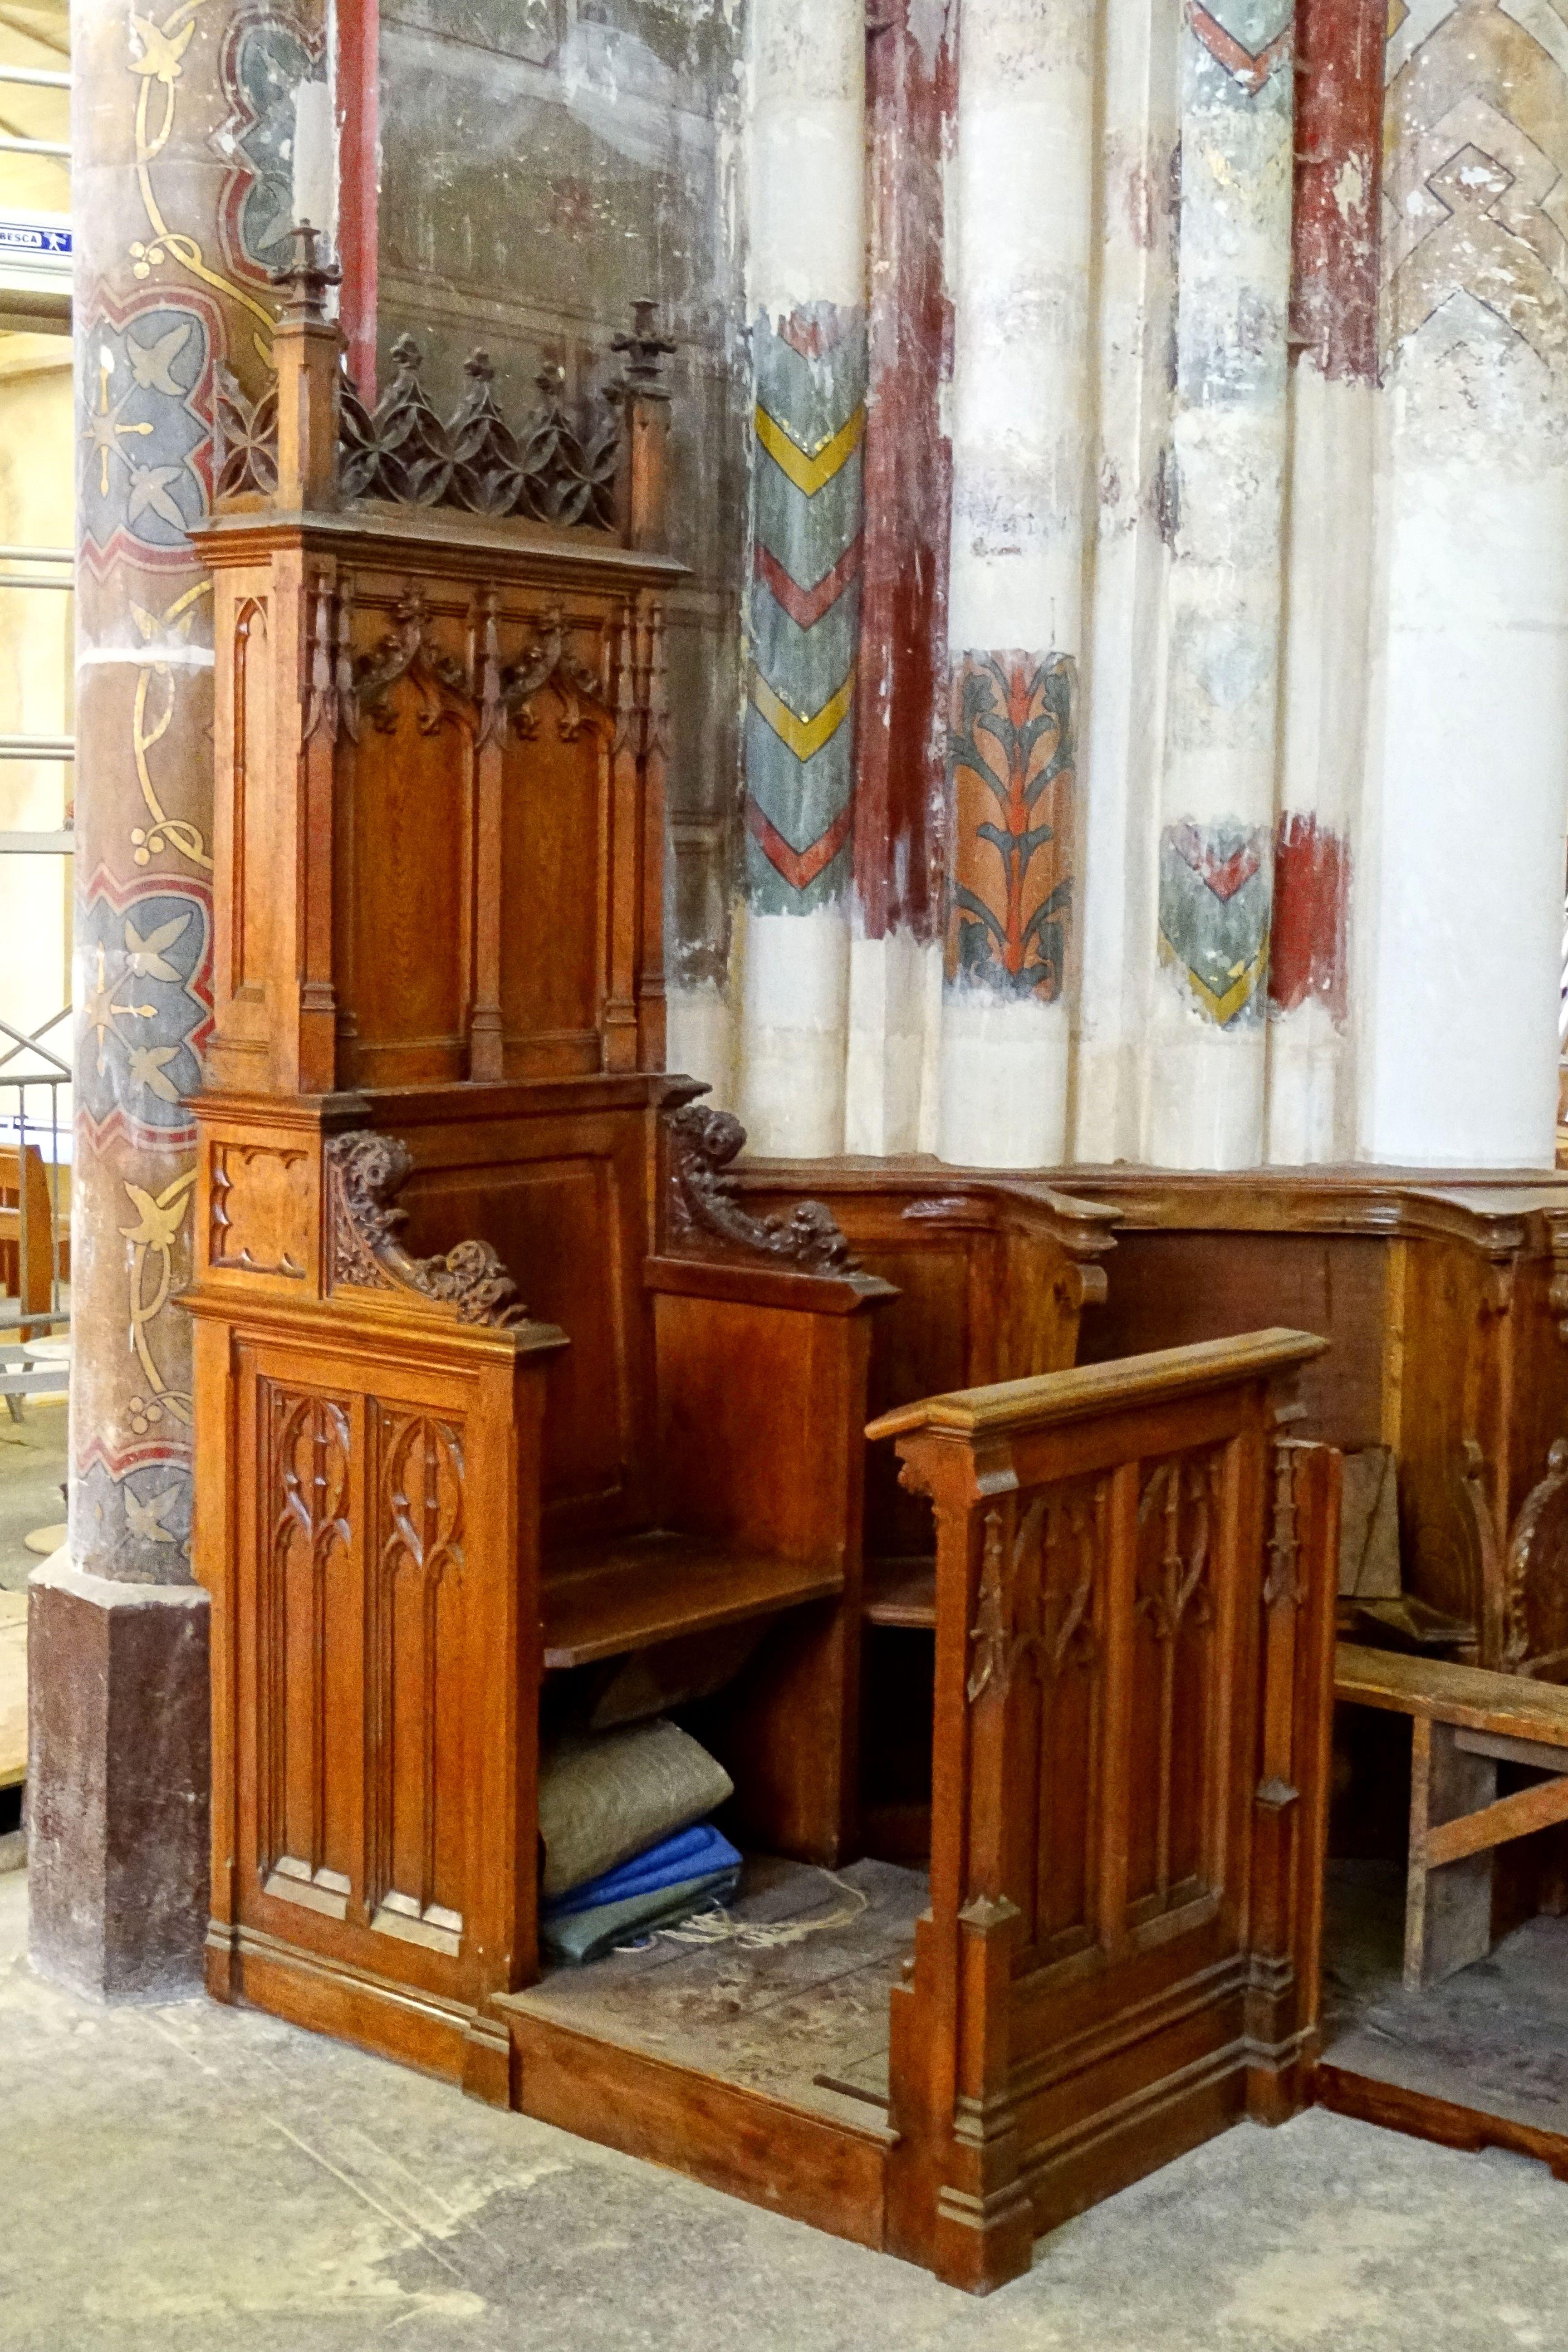 fichier conflans sainte honorine 78 eglise saint maclou chœur 1ere travee fauteuil de chantre cote nord vers 1881 jpg wikipedia